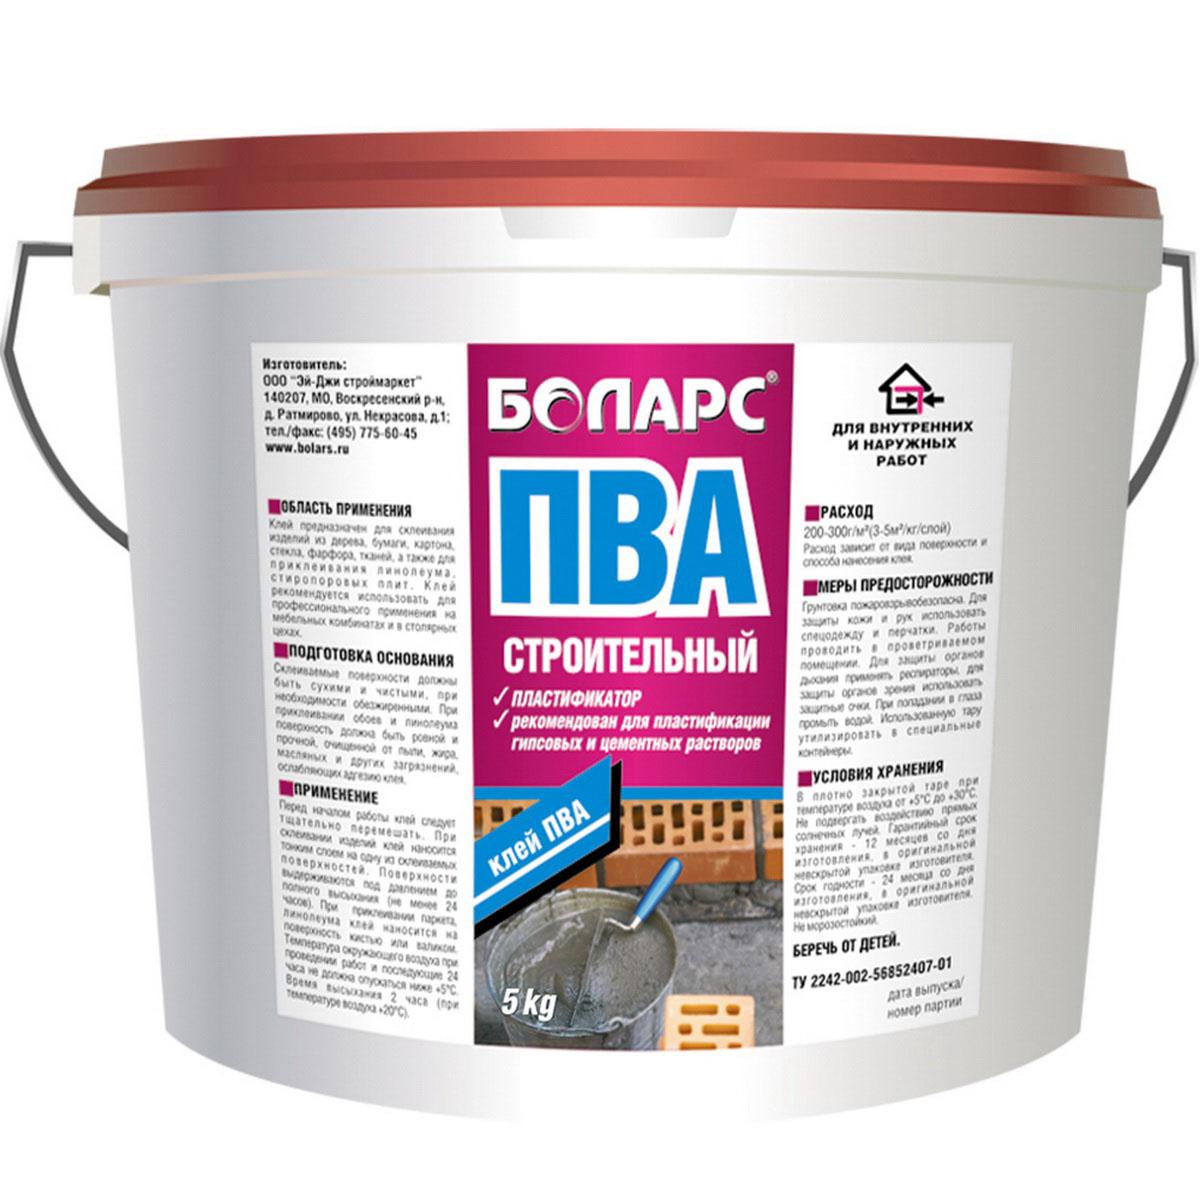 Клей ПВА Боларс, пластификатор, 5 кг00000000437Клей ПВА Боларс предназначен для пластификации строительных растворов. Может применяться в цементных, гипсовых составах для повышения эластичности и адгезии используемых растворов. Подходит для внутренних и наружных работ. Состав: поливинилацетатная дисперсия, технологические добавки, вода.Цвет: белый.pH: 5,5-7,0.Расход: 200-300 г/л.Морозостойкость: 5 циклов.Температура проведения работ: +5°С +30°С.Температура эксплуатации: +5°С +40°С.Размораживать продукт следует при комнатной температуре в оригинальной таре изготовителя. Гарантийный срок хранения – 12 месяцев со дня изготовления, в оригинальной невскрытой упаковке изготовителя.Срок годности – 24 месяца со дня изготовления, в оригинальной невскрытой упаковке изготовителя.